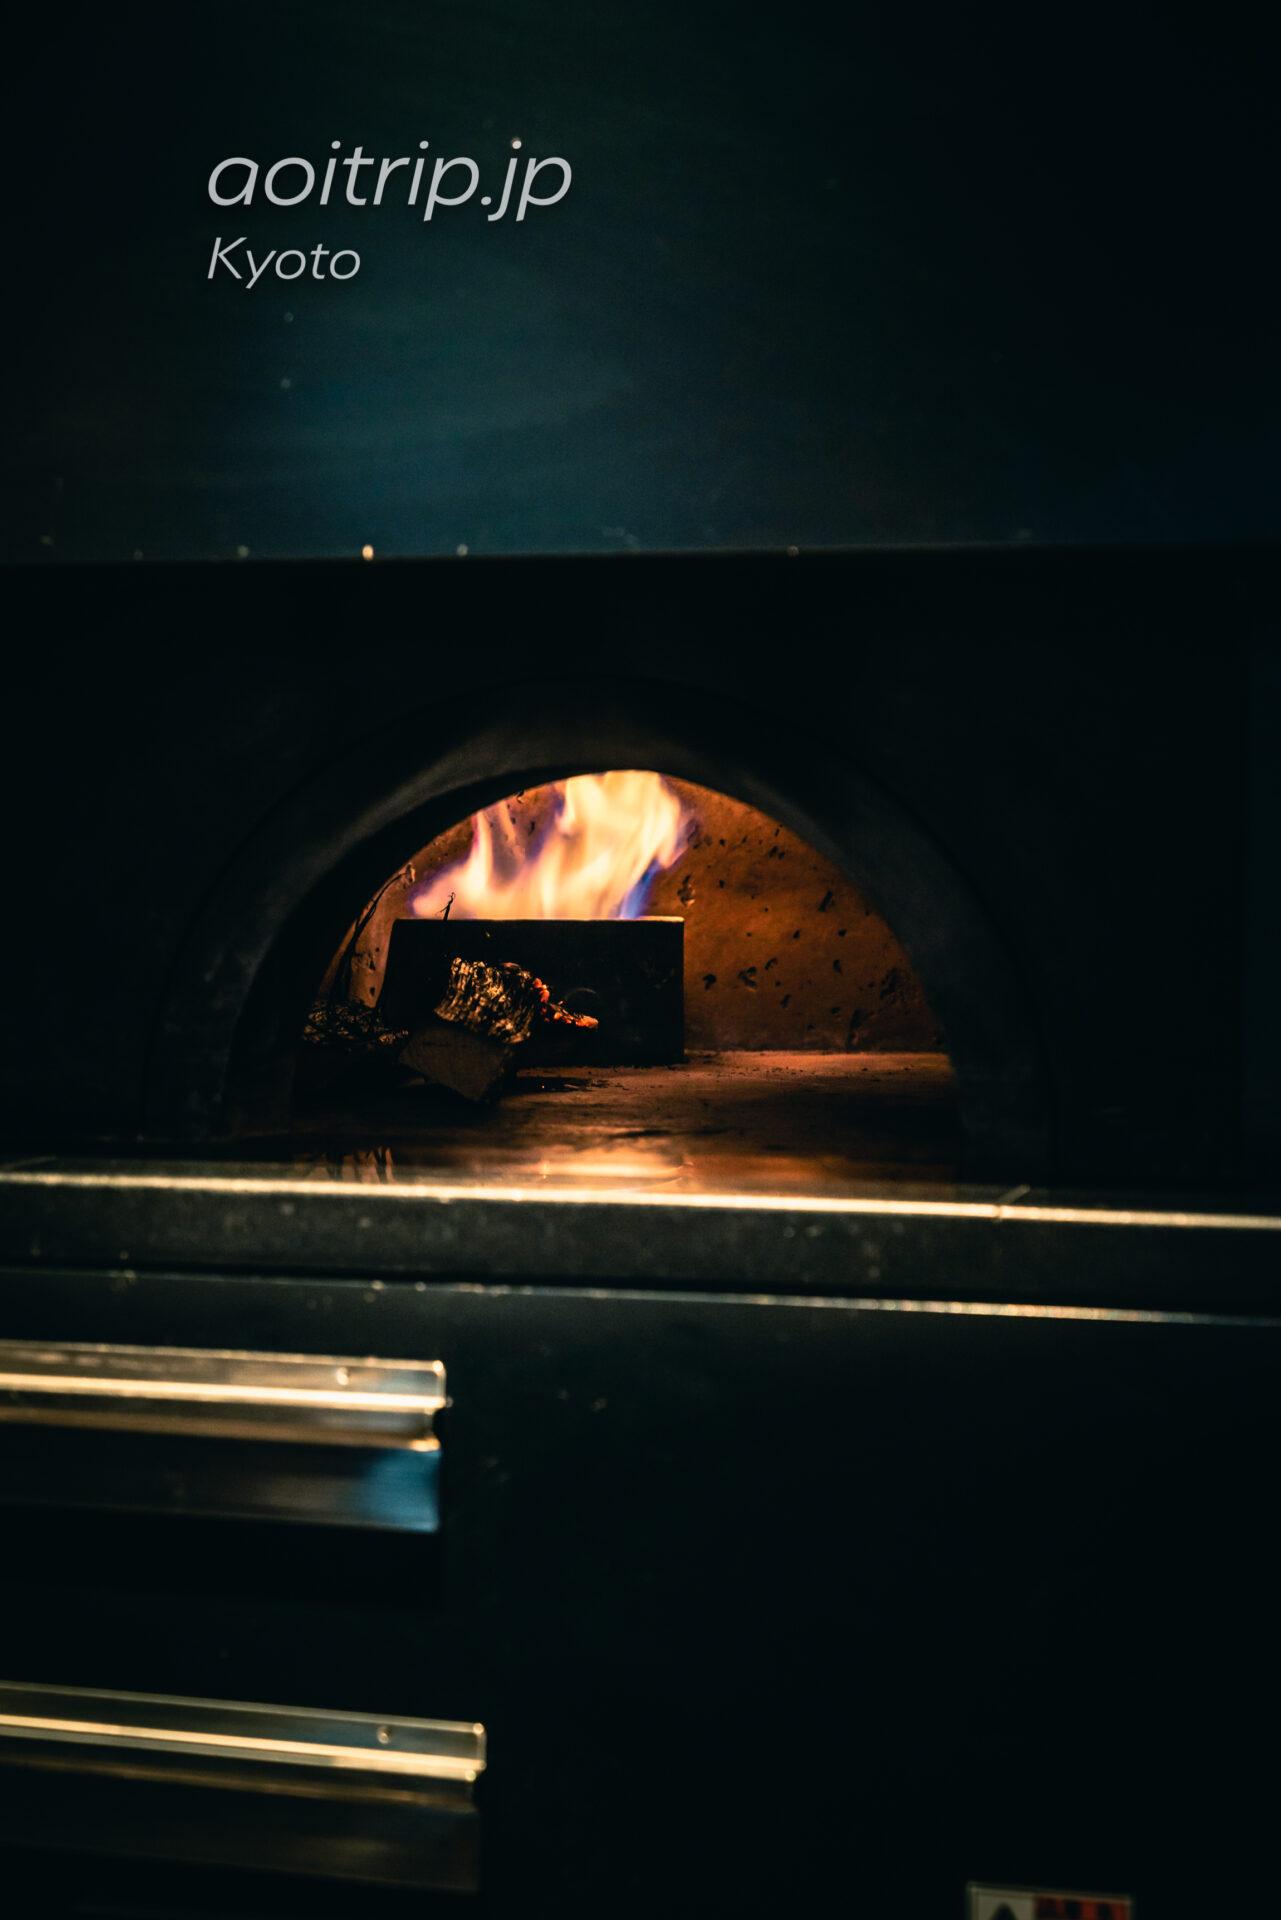 HOTEL THE MITSUI KYOTO イタリアンレストランの薪釜